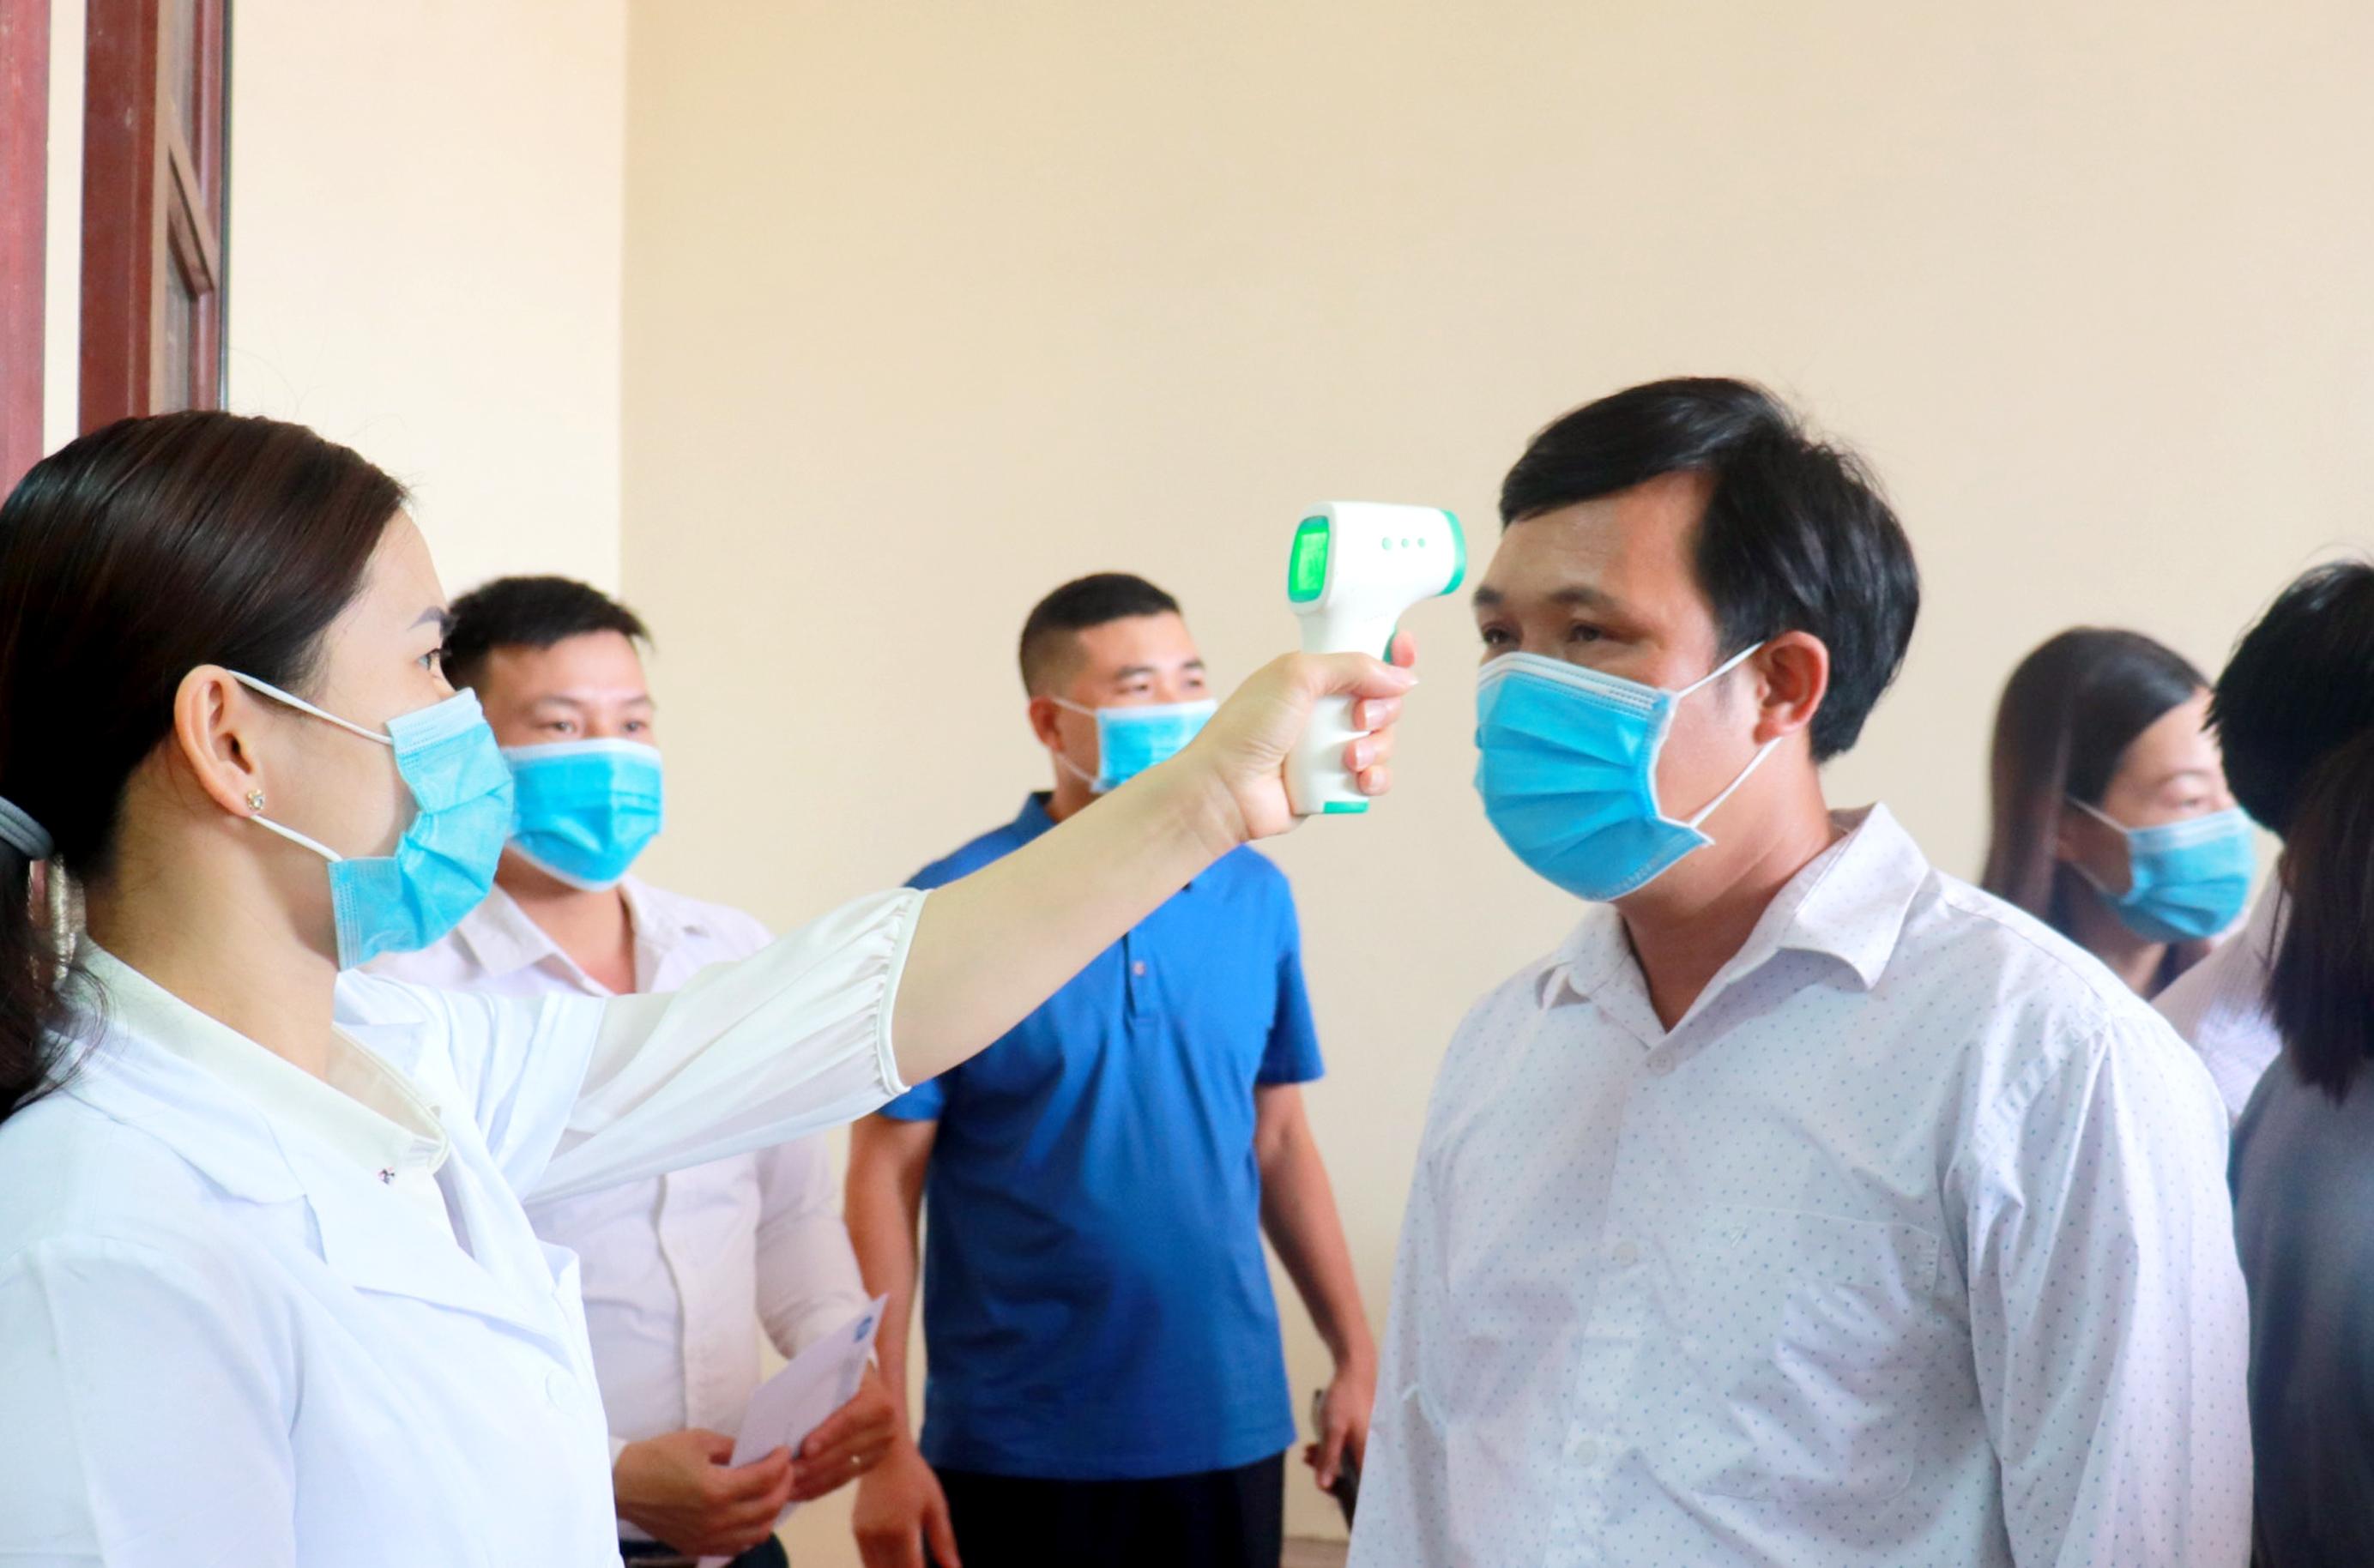 """Hà Nội: Đề nghị nhanh chóng thành lập """"Tổ An toàn Covid-19"""" tại các doanh nghiệp"""